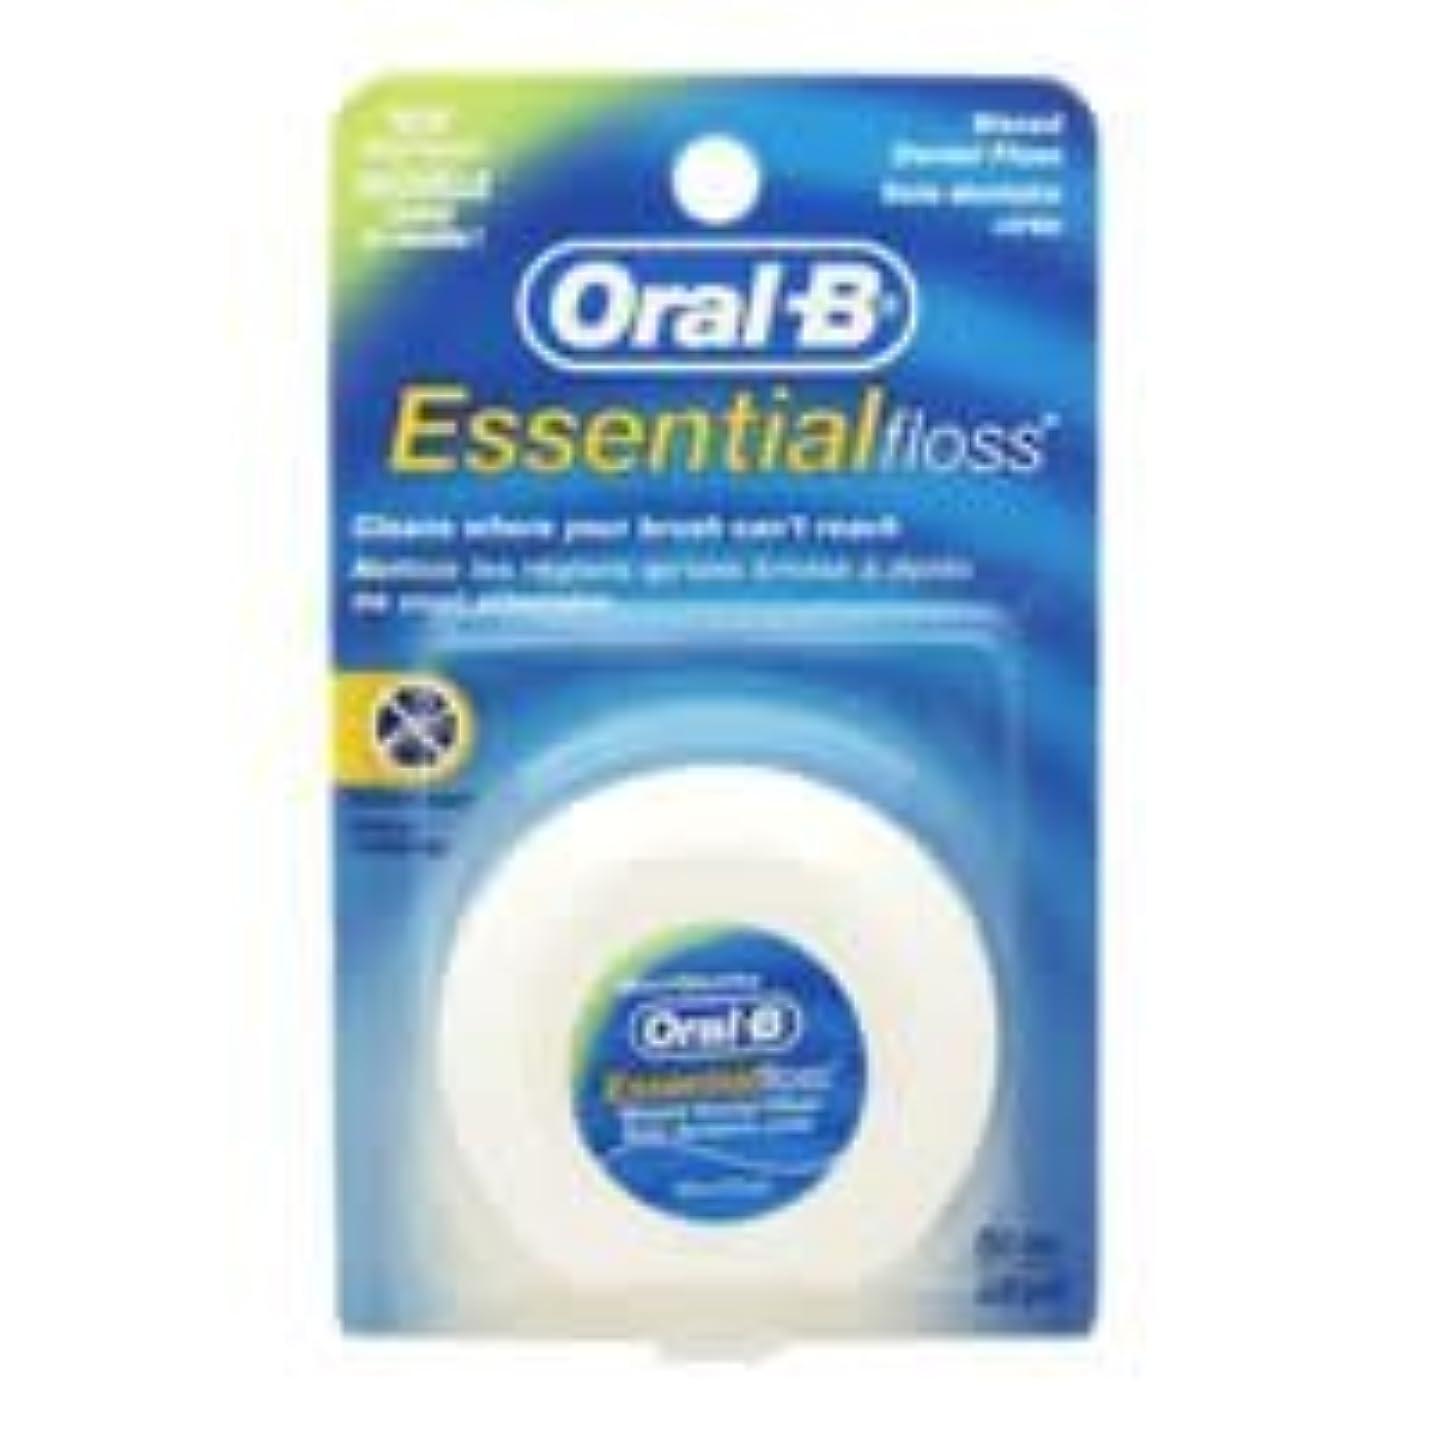 受け入れた驚くばかり保存Oral-B Essential Waxed Dental Floss Mint by Oral-B